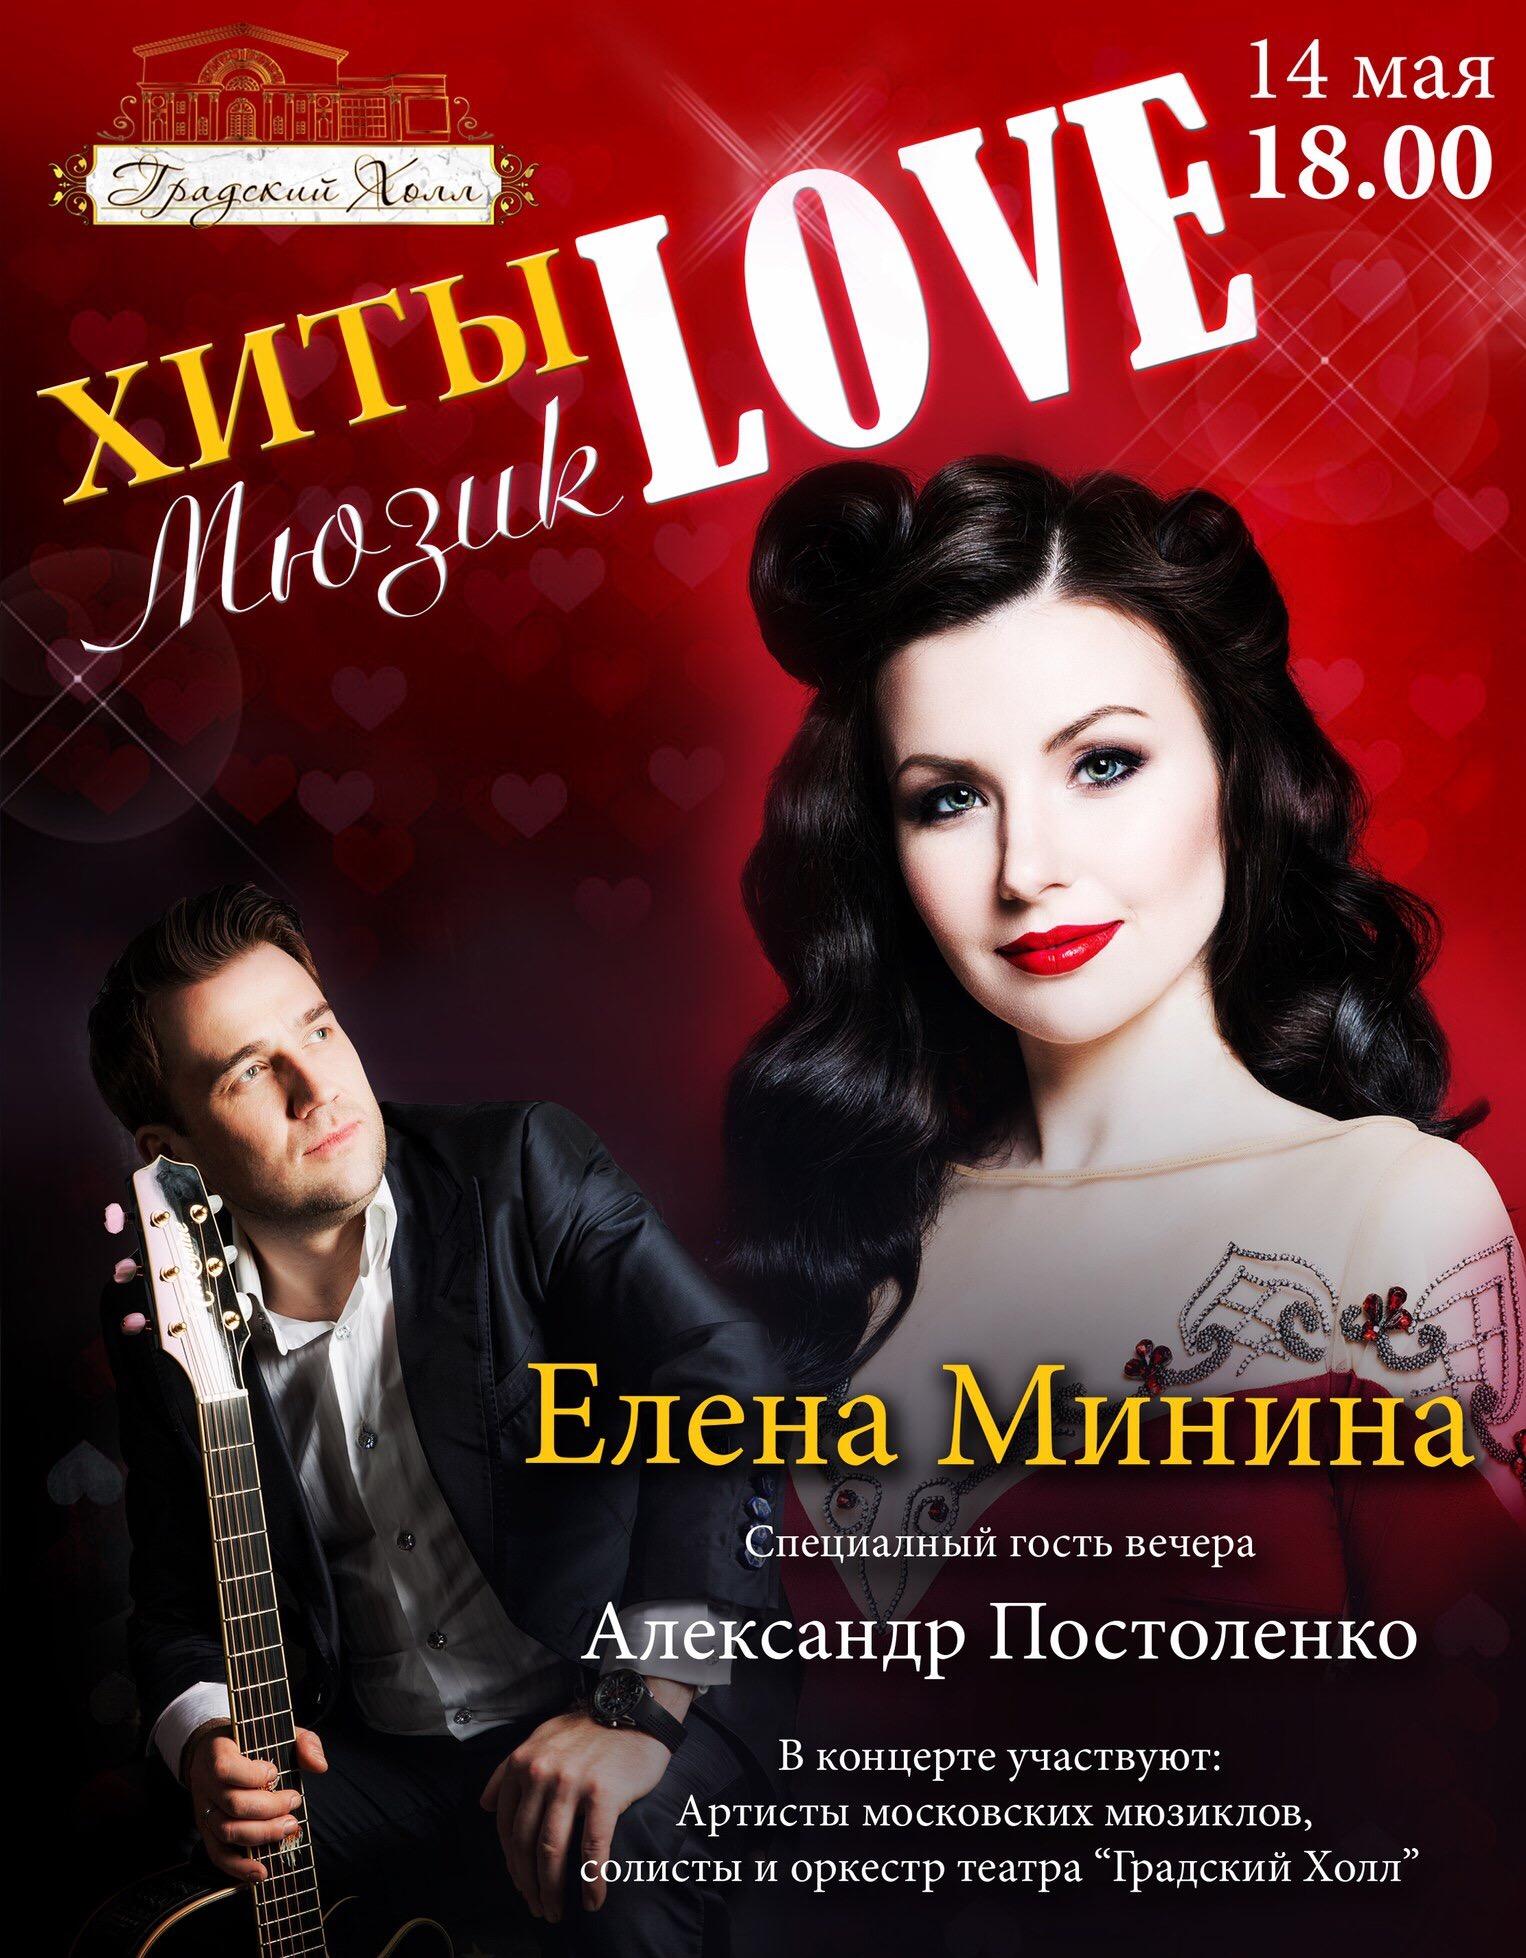 Елена Минина «ХИТЫ мюзикLove»